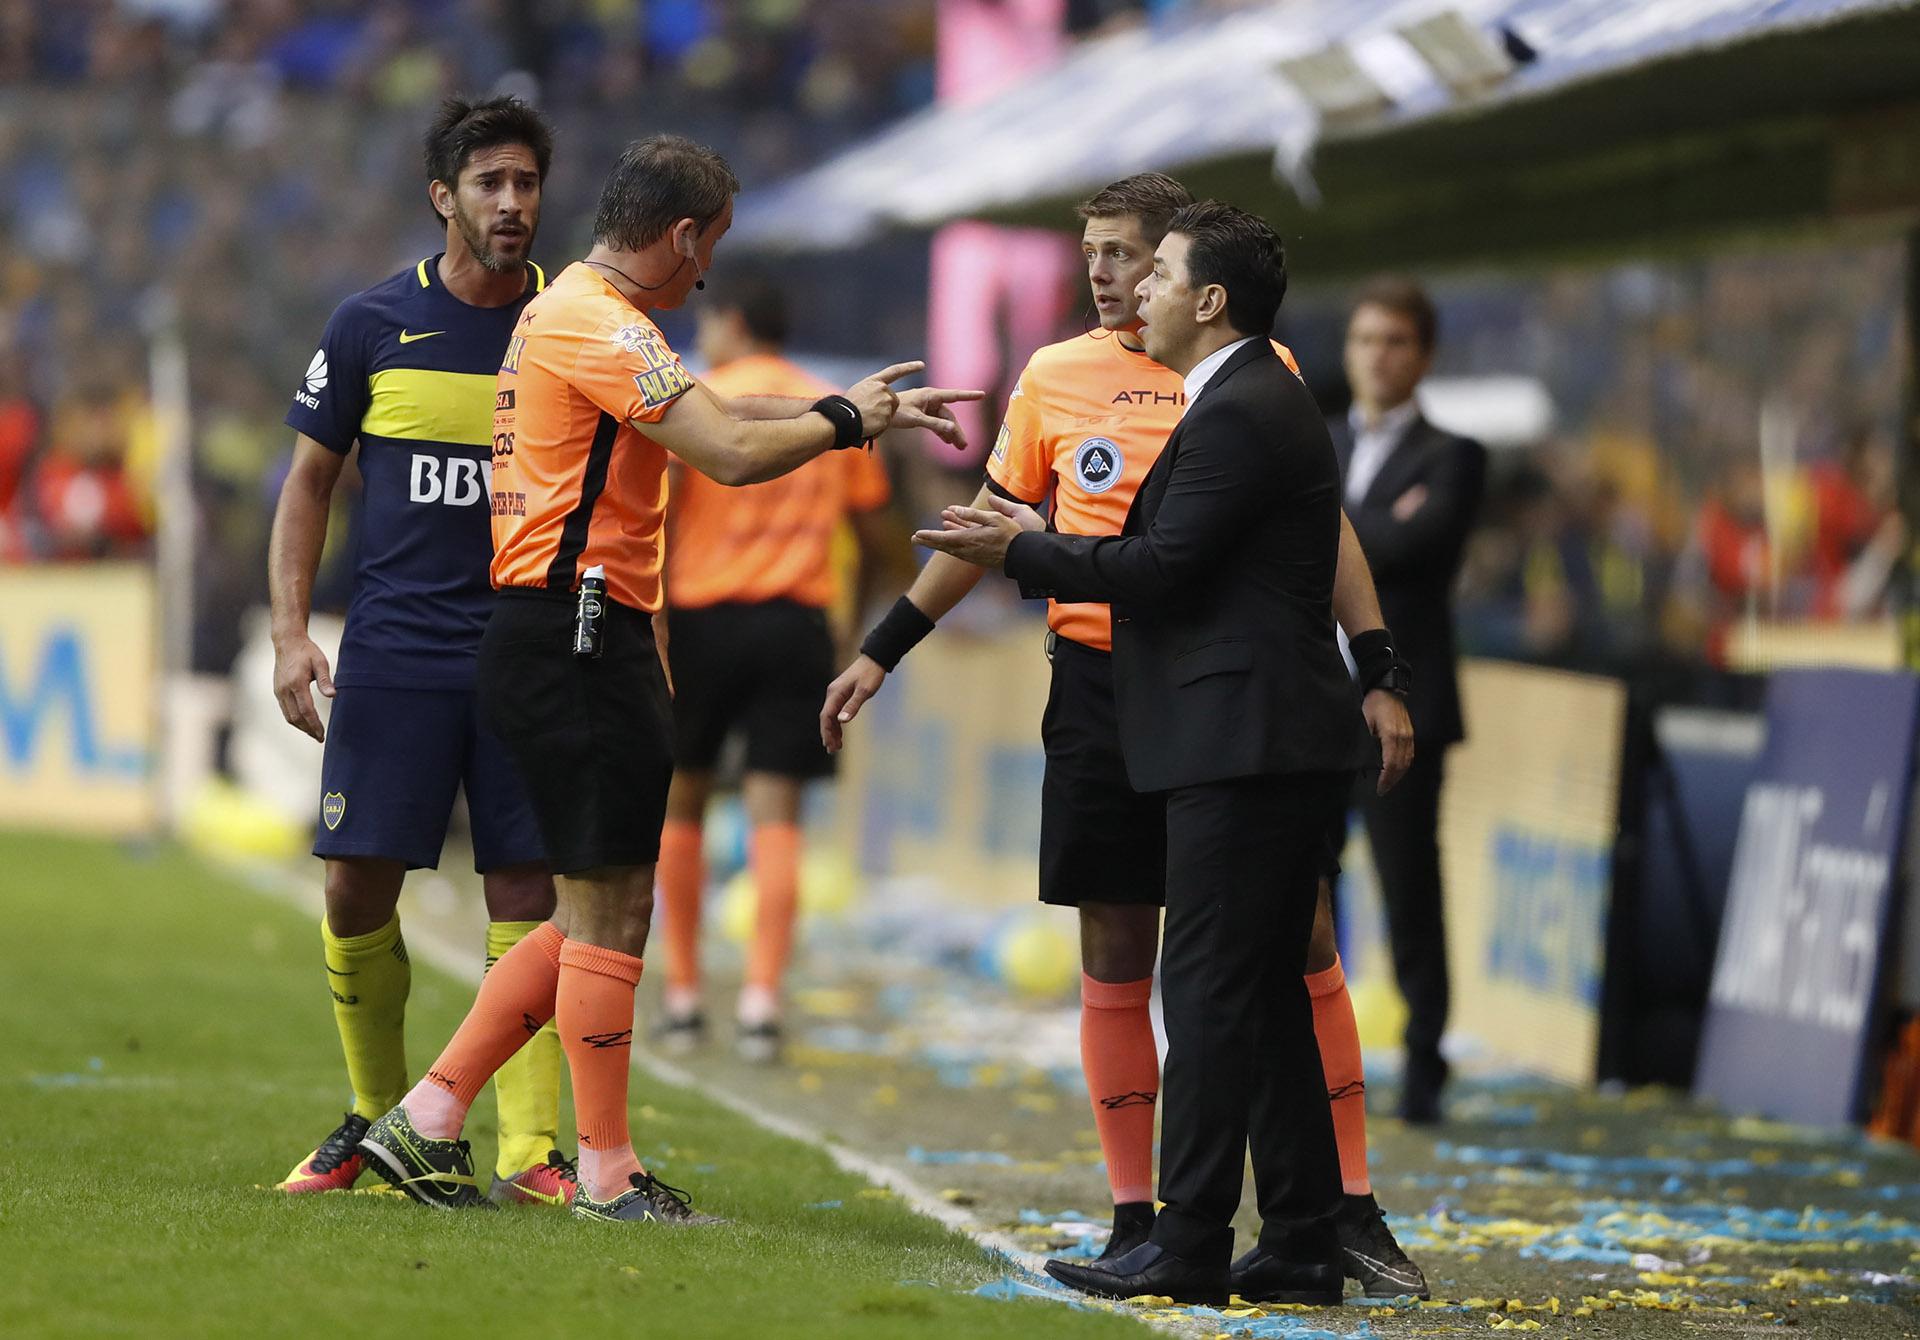 El entrenador de River, Marcelo Gallardo, discute con dos jueces de línea